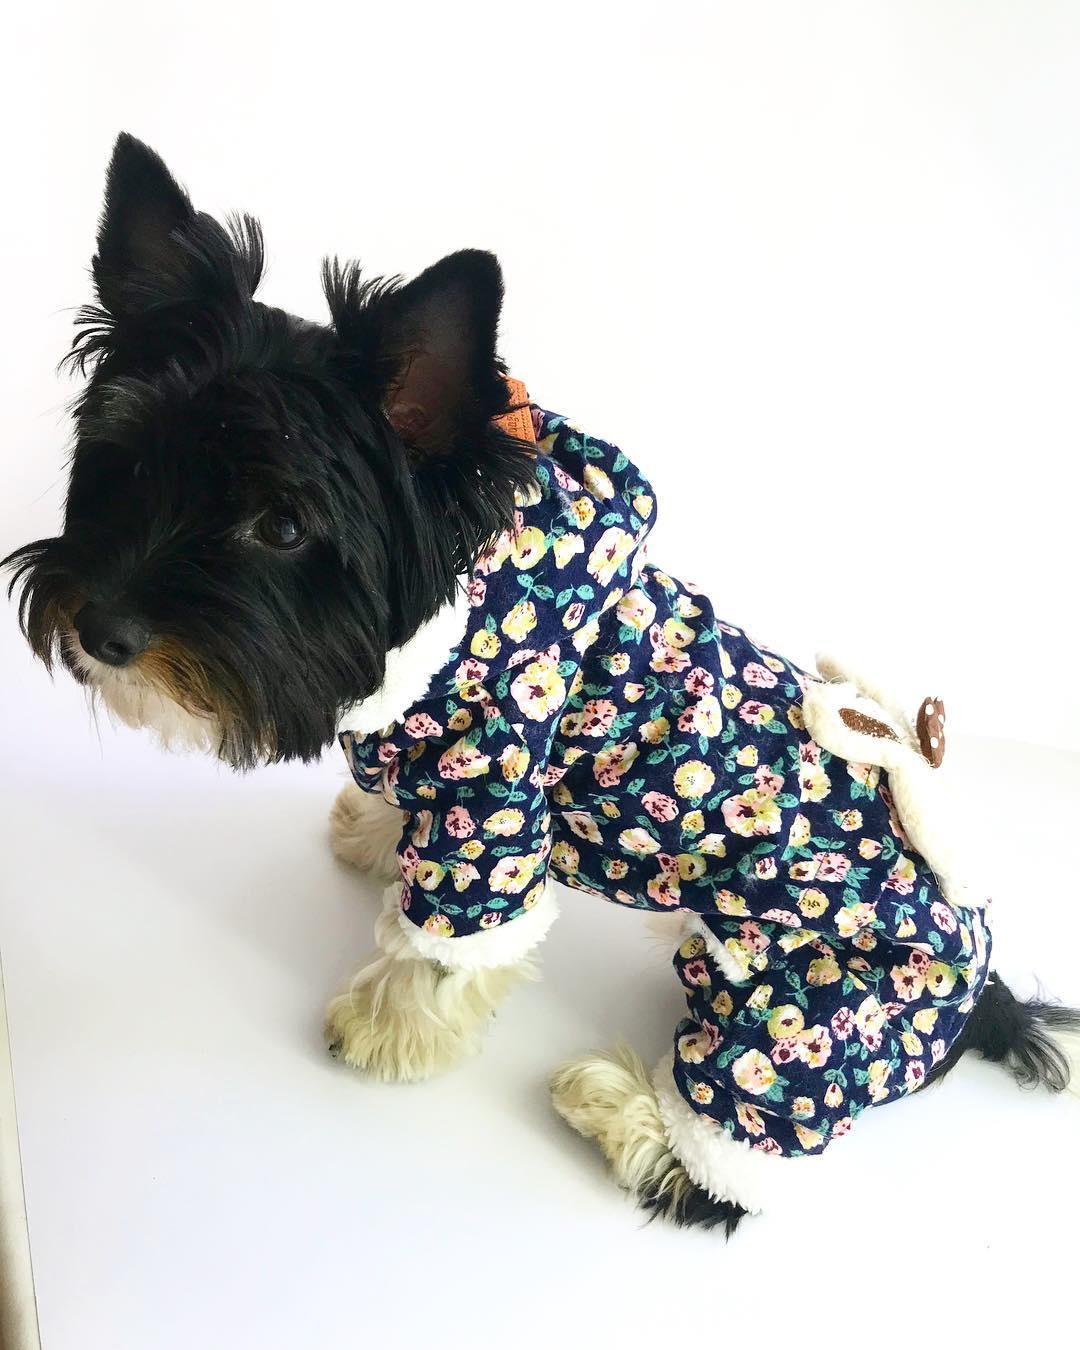 """Демисезонный комбинезон для собак Arnydog.ru """"Зайка"""", ST-16909-4_12, размер 12 (28 см)"""